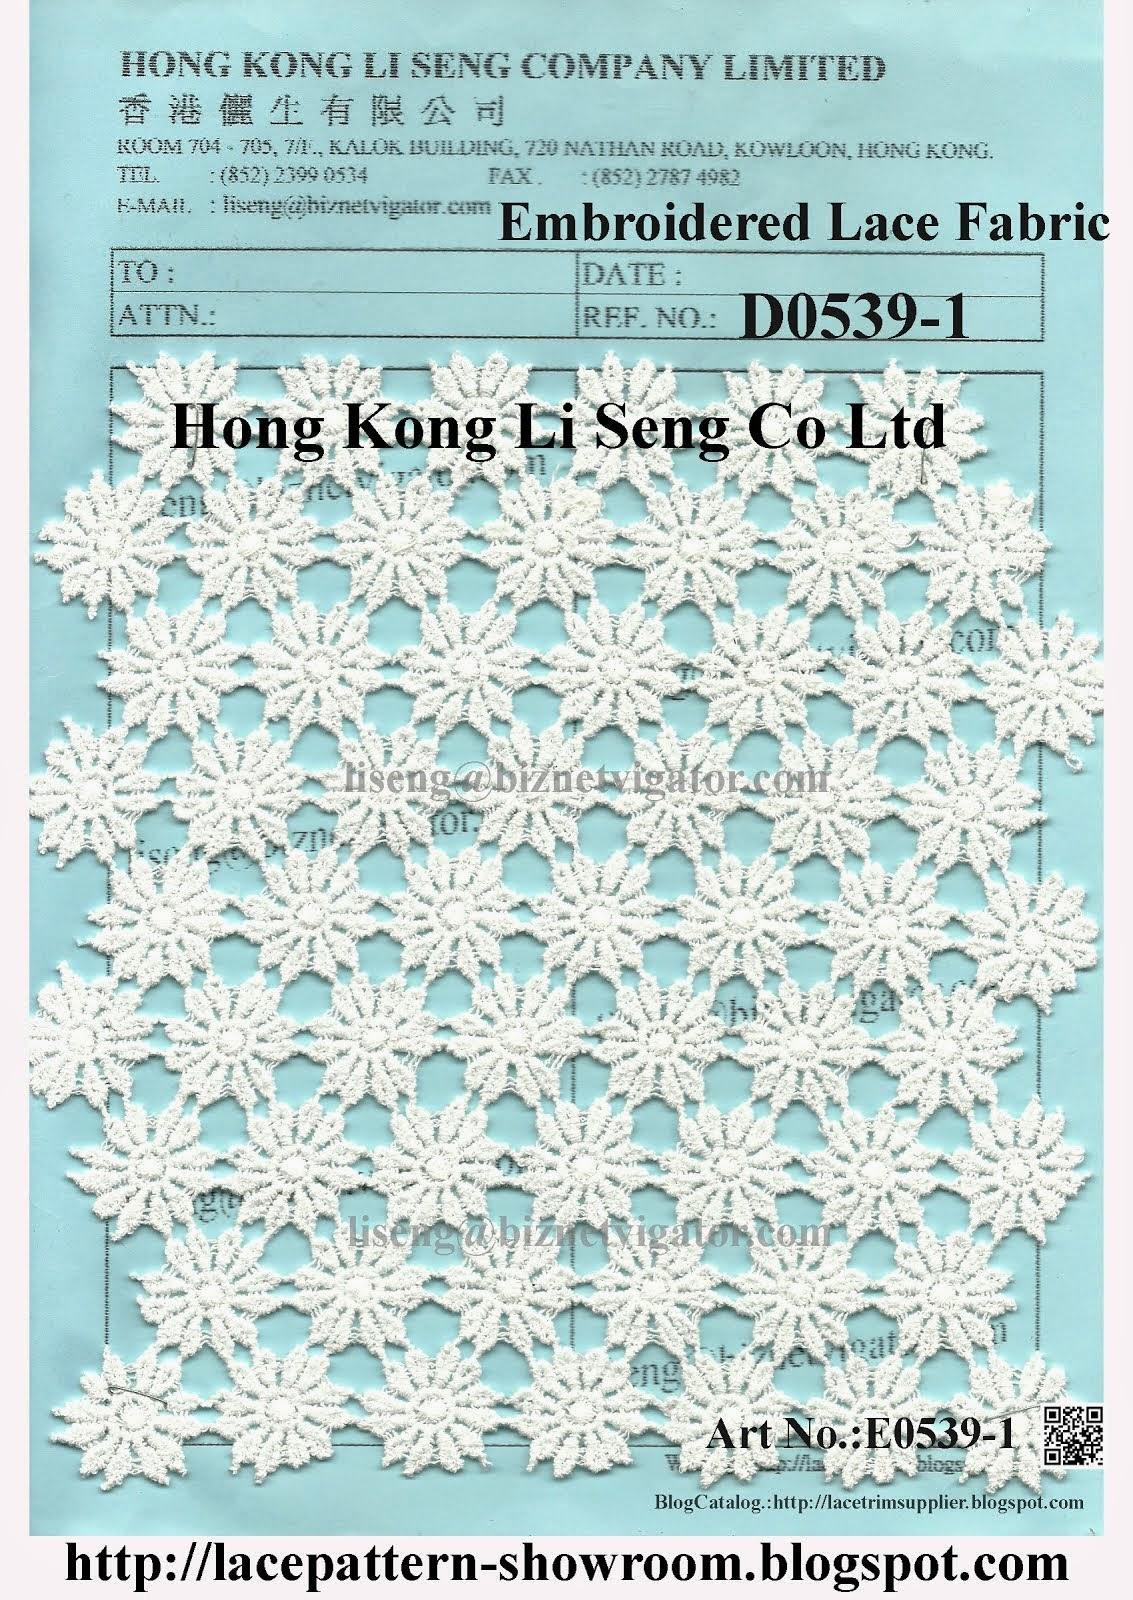 Forexim hong kong ltd